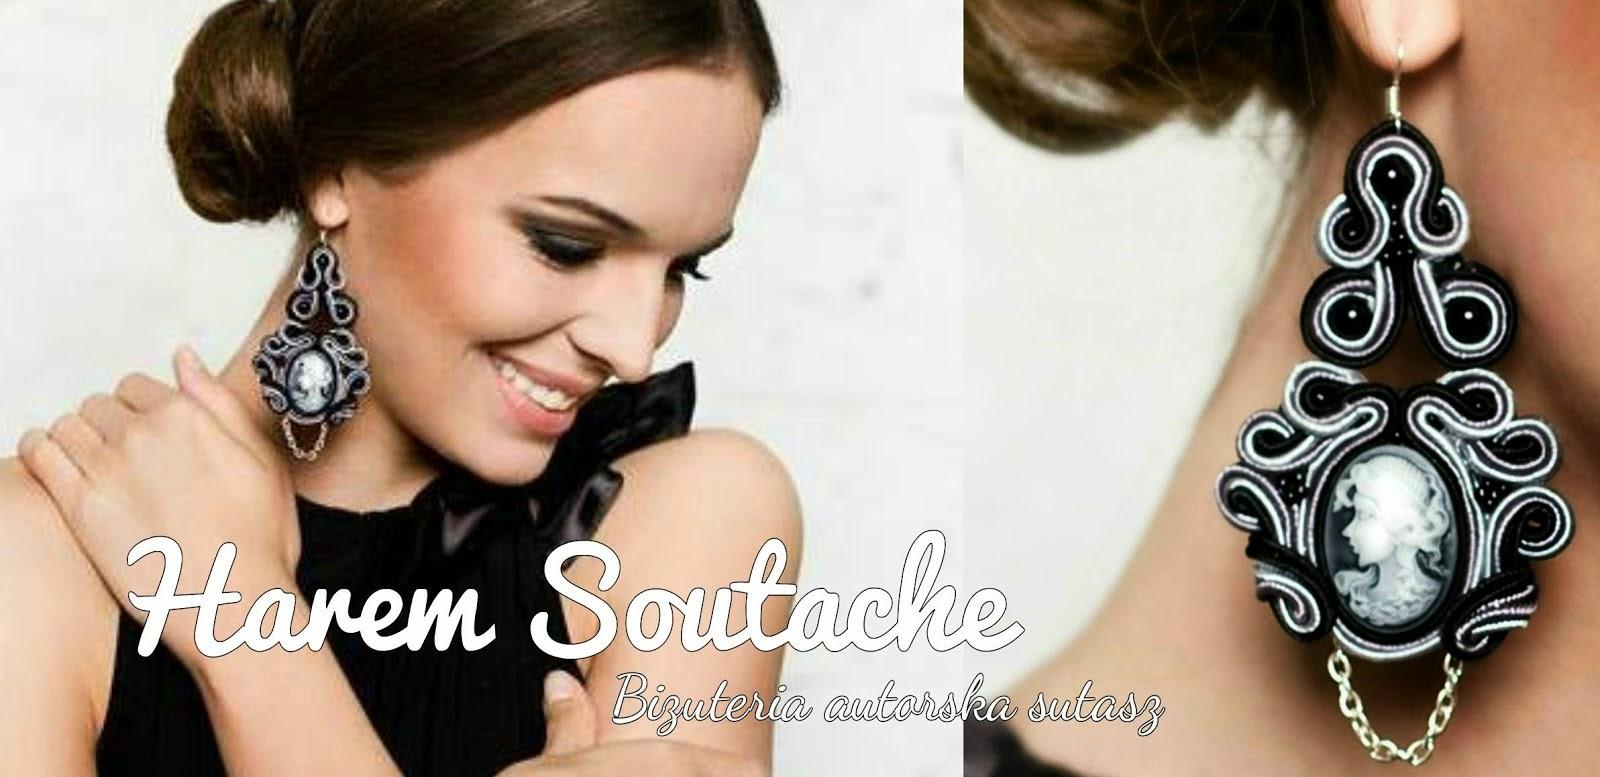 Harem Soutache